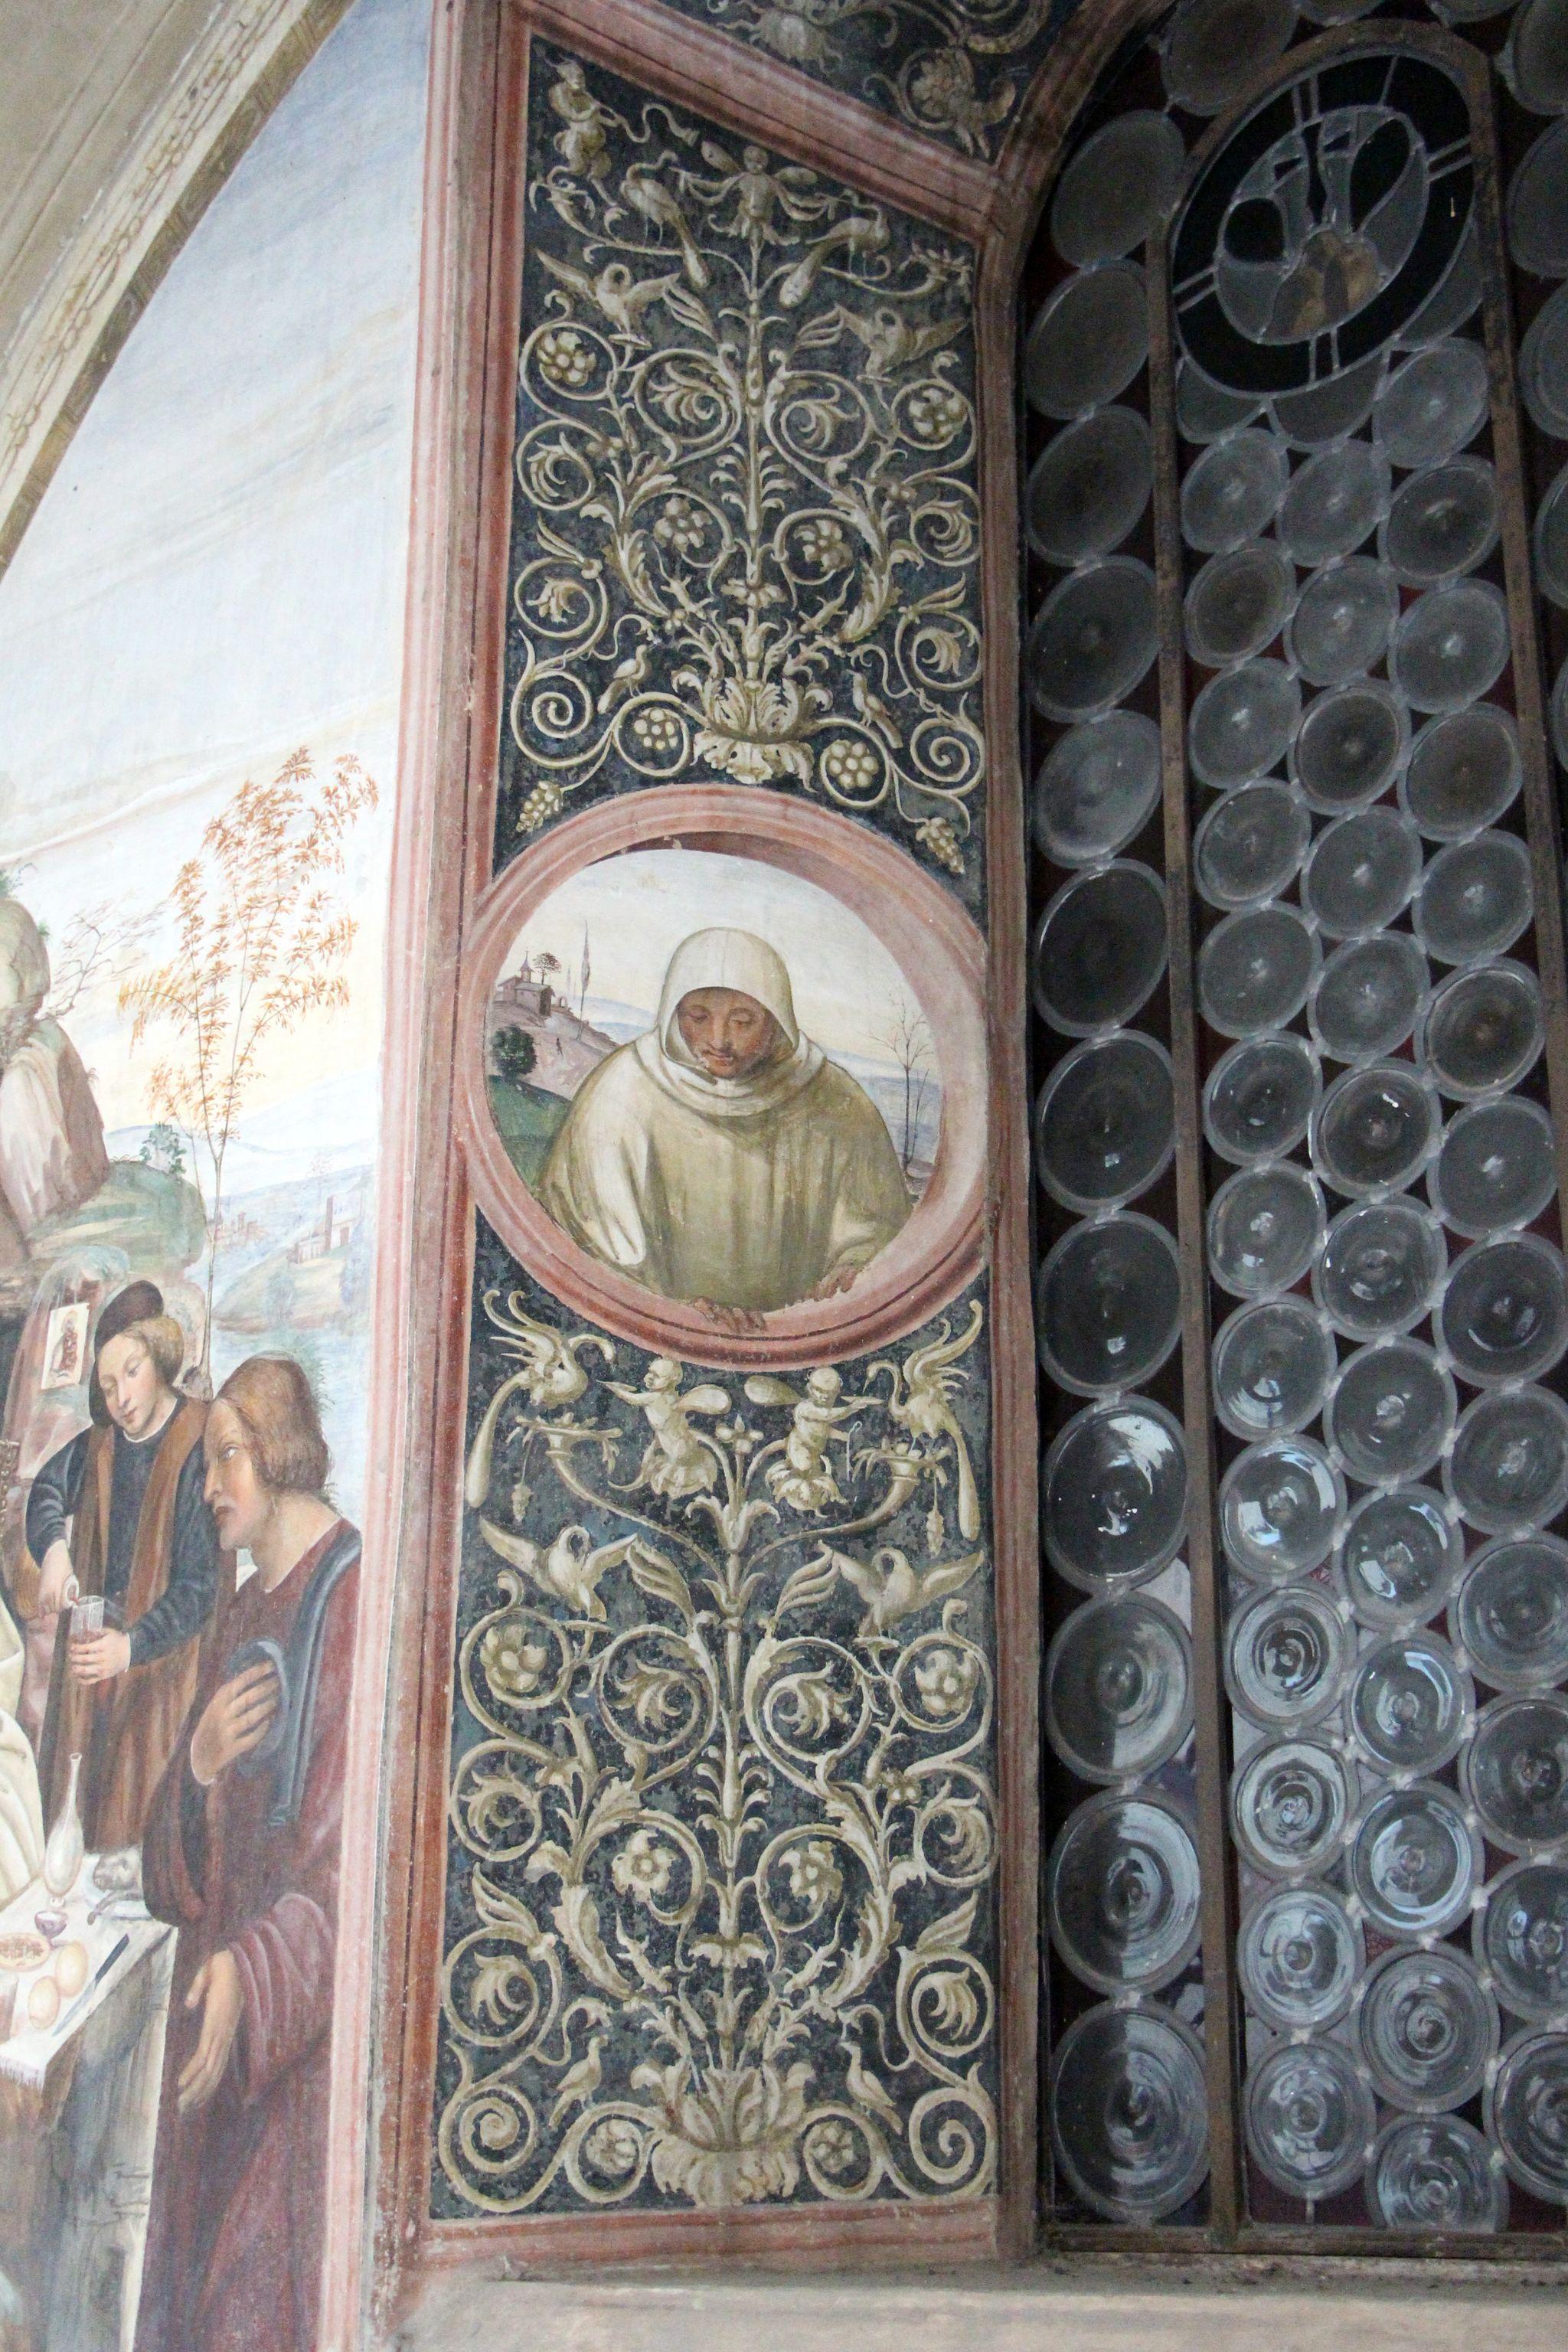 Storie di s. benedetto, 06 sodoma - Come uno prete ispirato da dio porta da mangiare a Benedetto nel giorno di pasqua 03